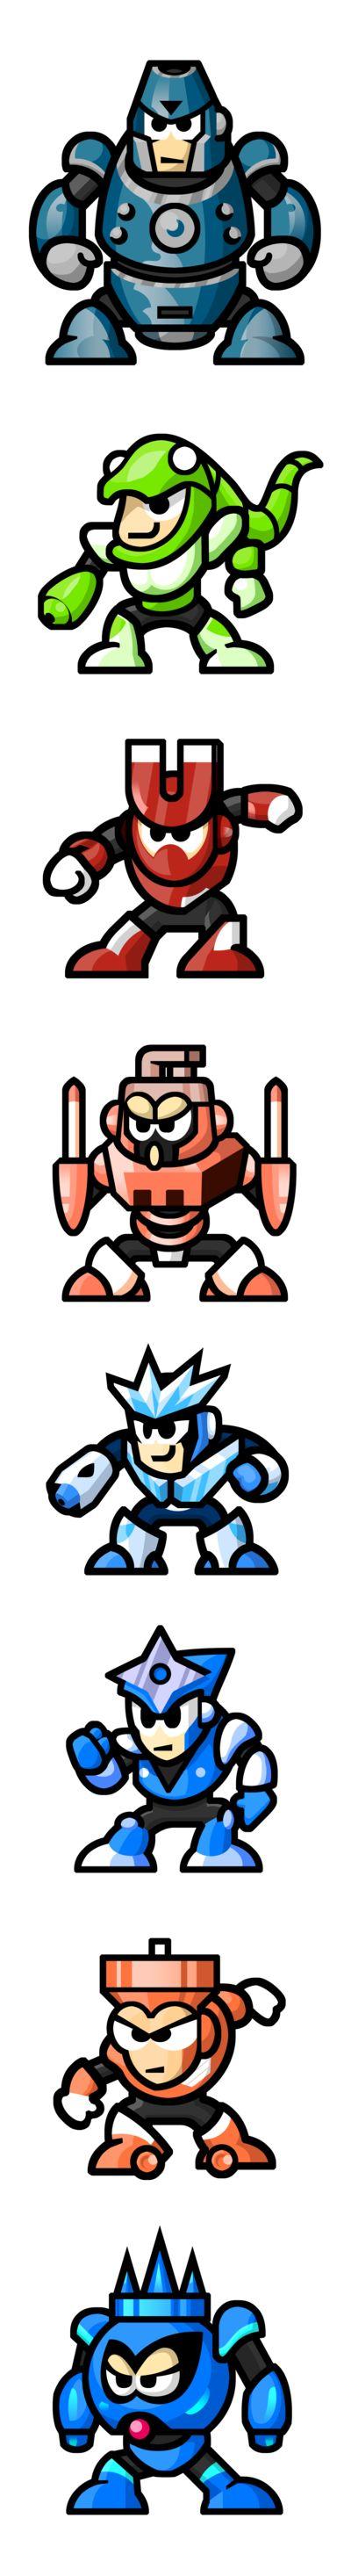 MegaMan 'Sprites'-Bosses of 3 by WaneBlade.deviantart.com on @DeviantArt